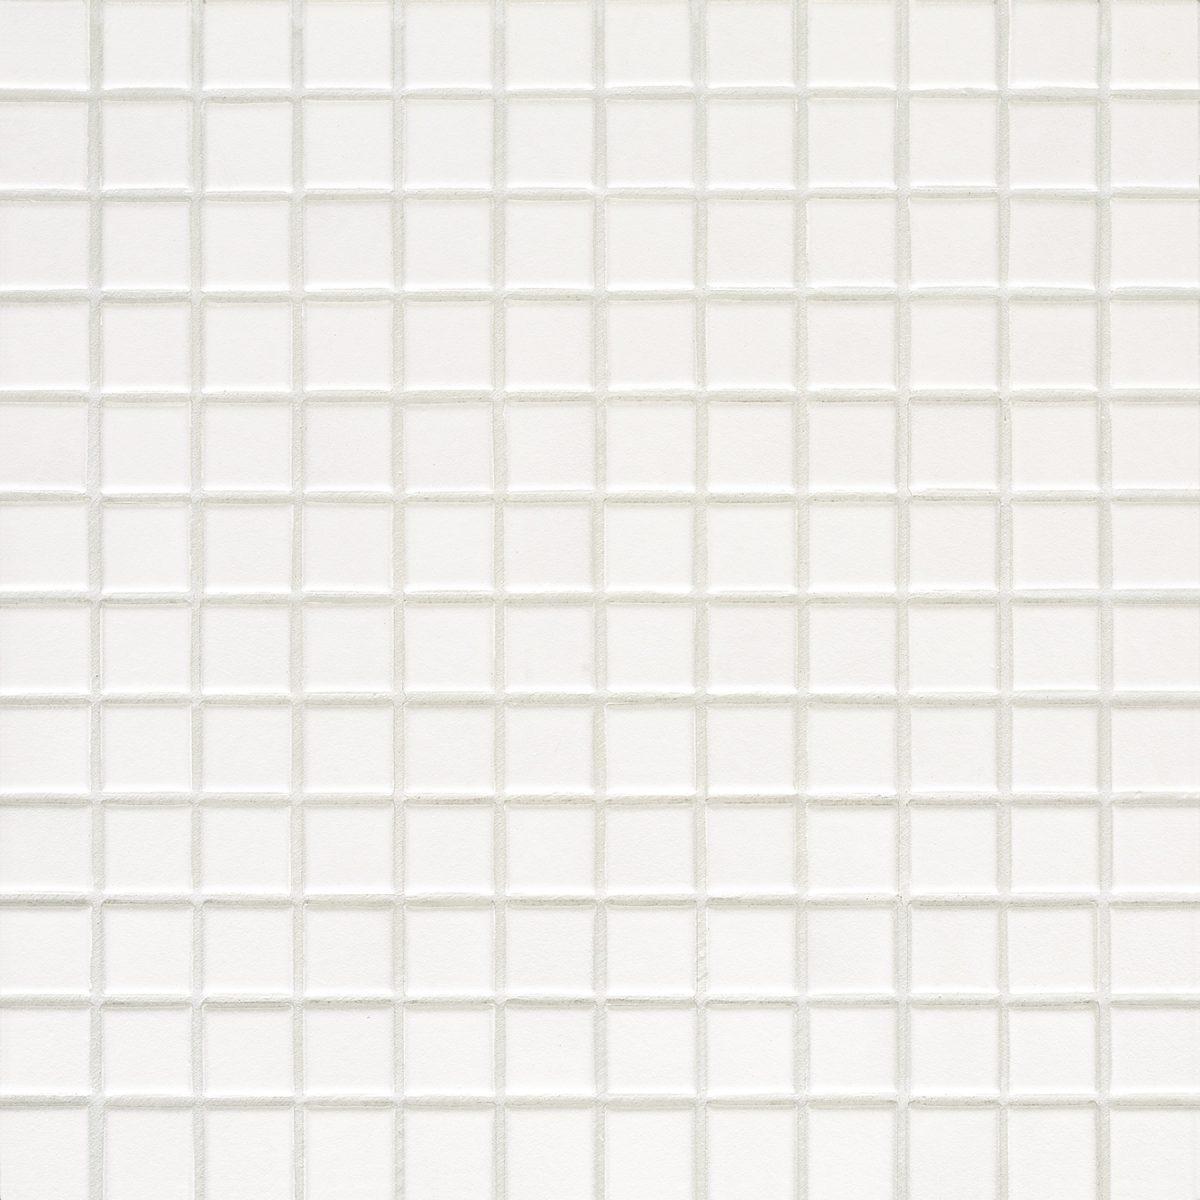 Мозаика серия Fresh 2,4 X 2,4 см Snow White Secura (противоскользящая R10/B)